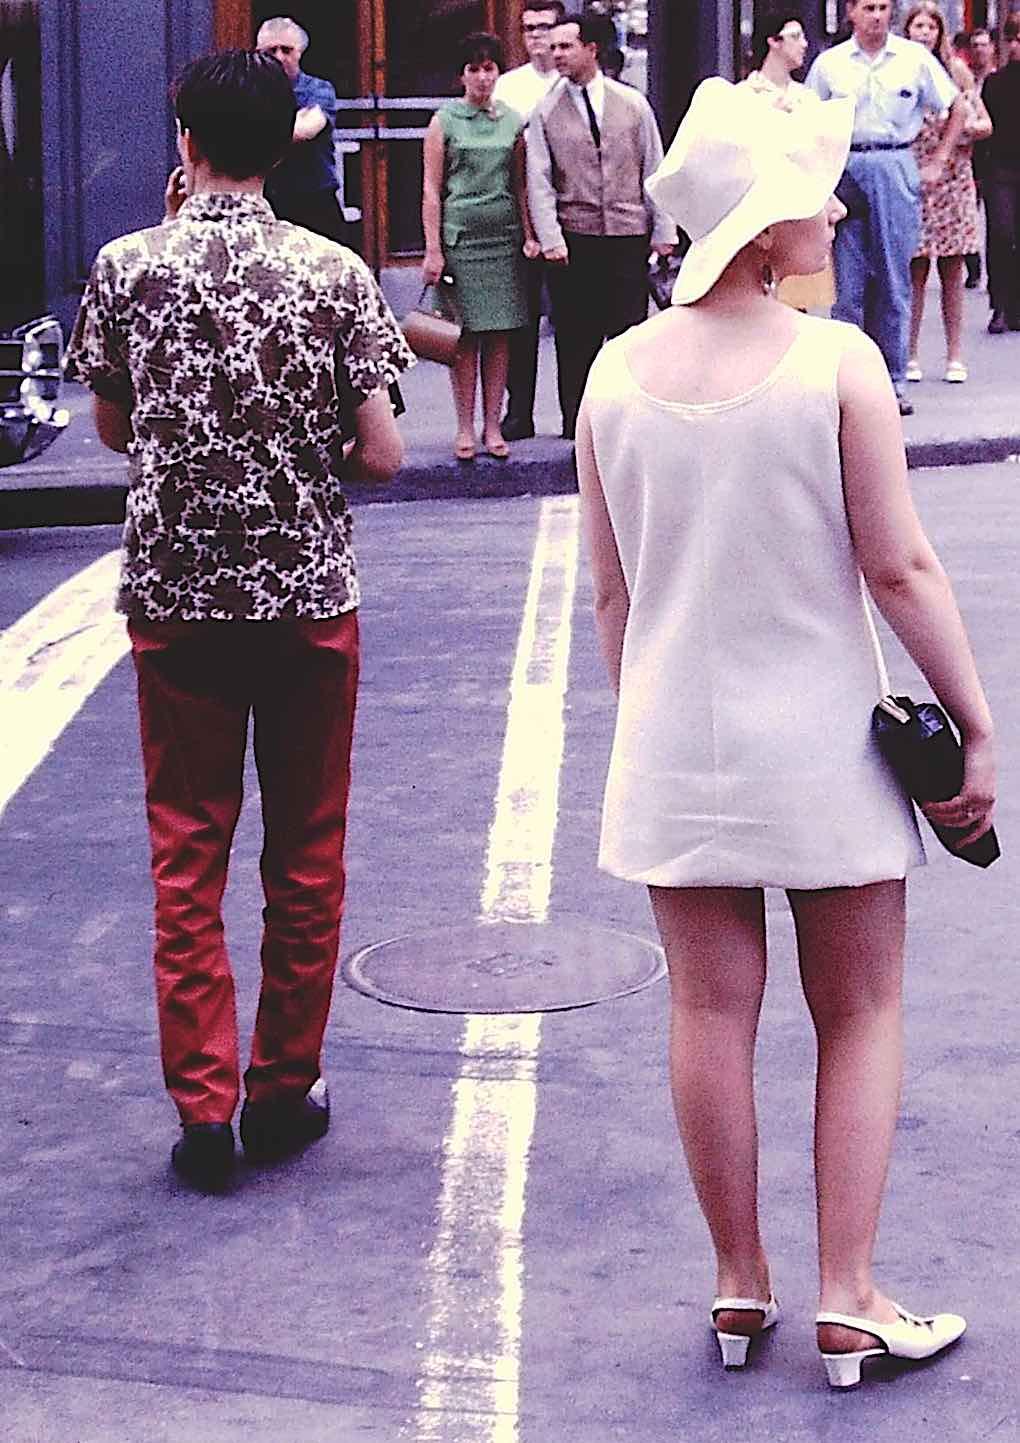 mod youth fashion in Canada 1967